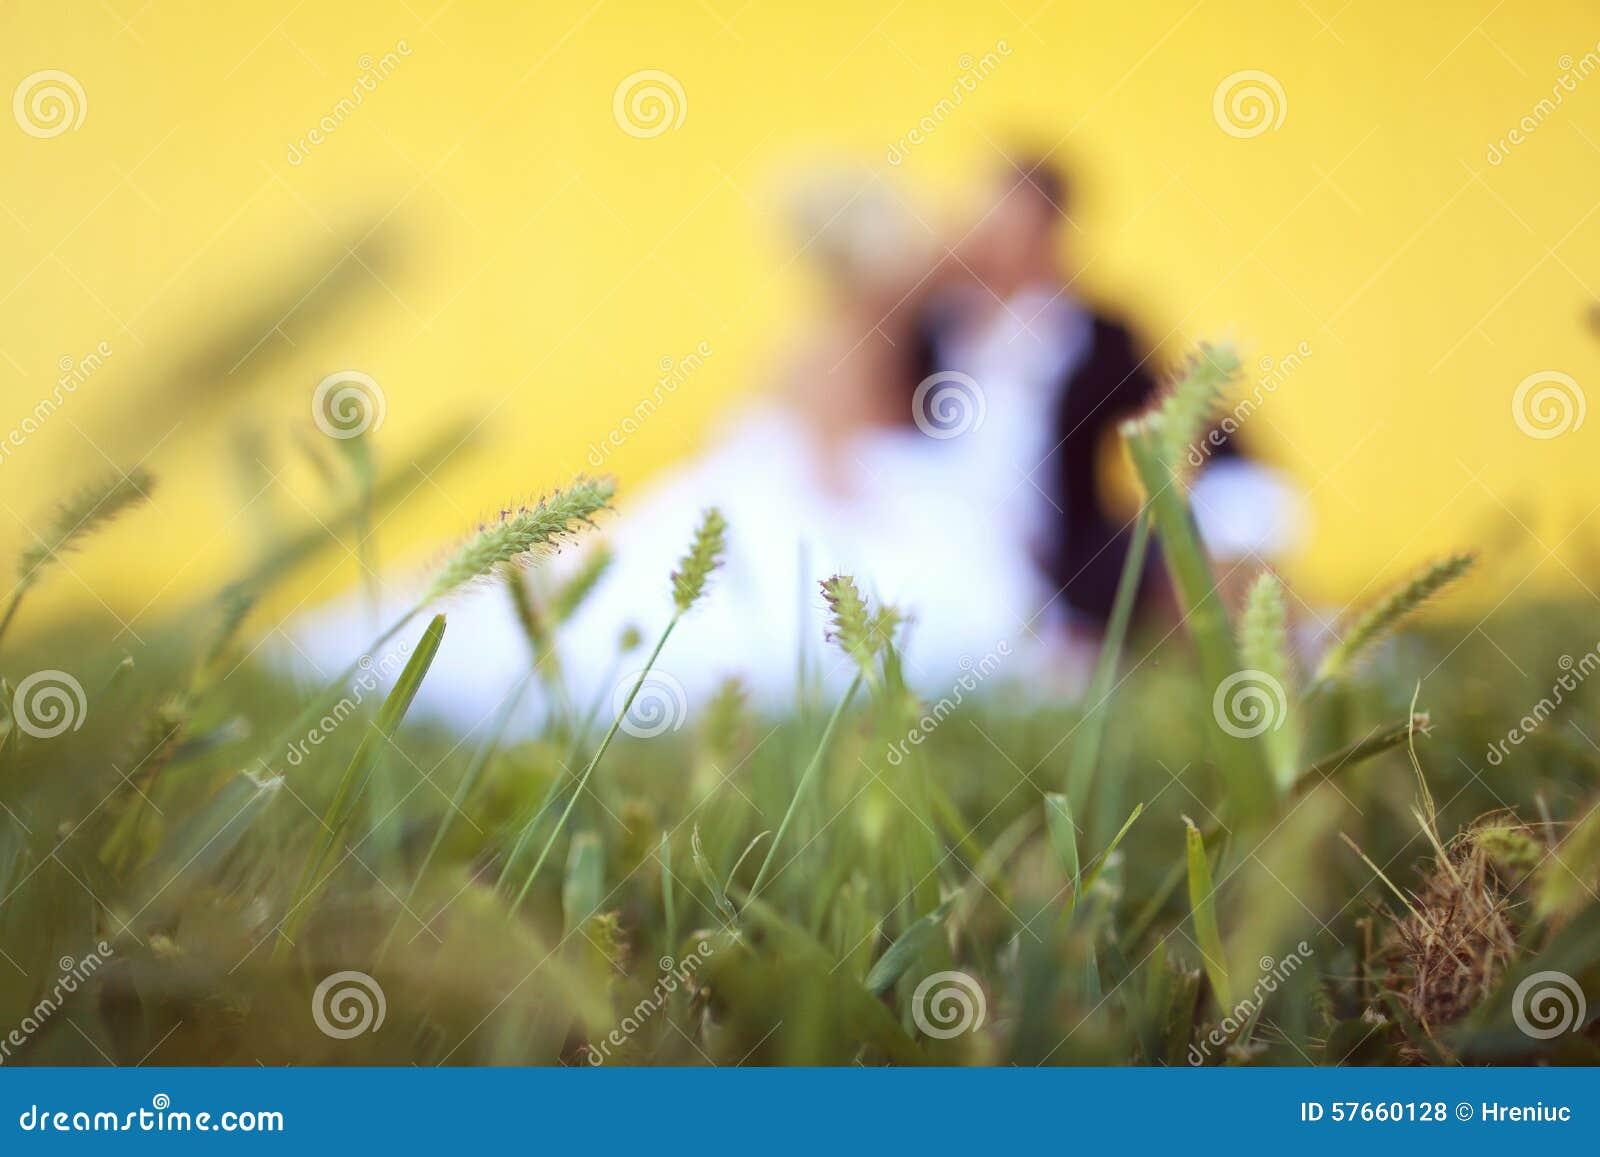 Państwa młodzi obsiadanie w trawie